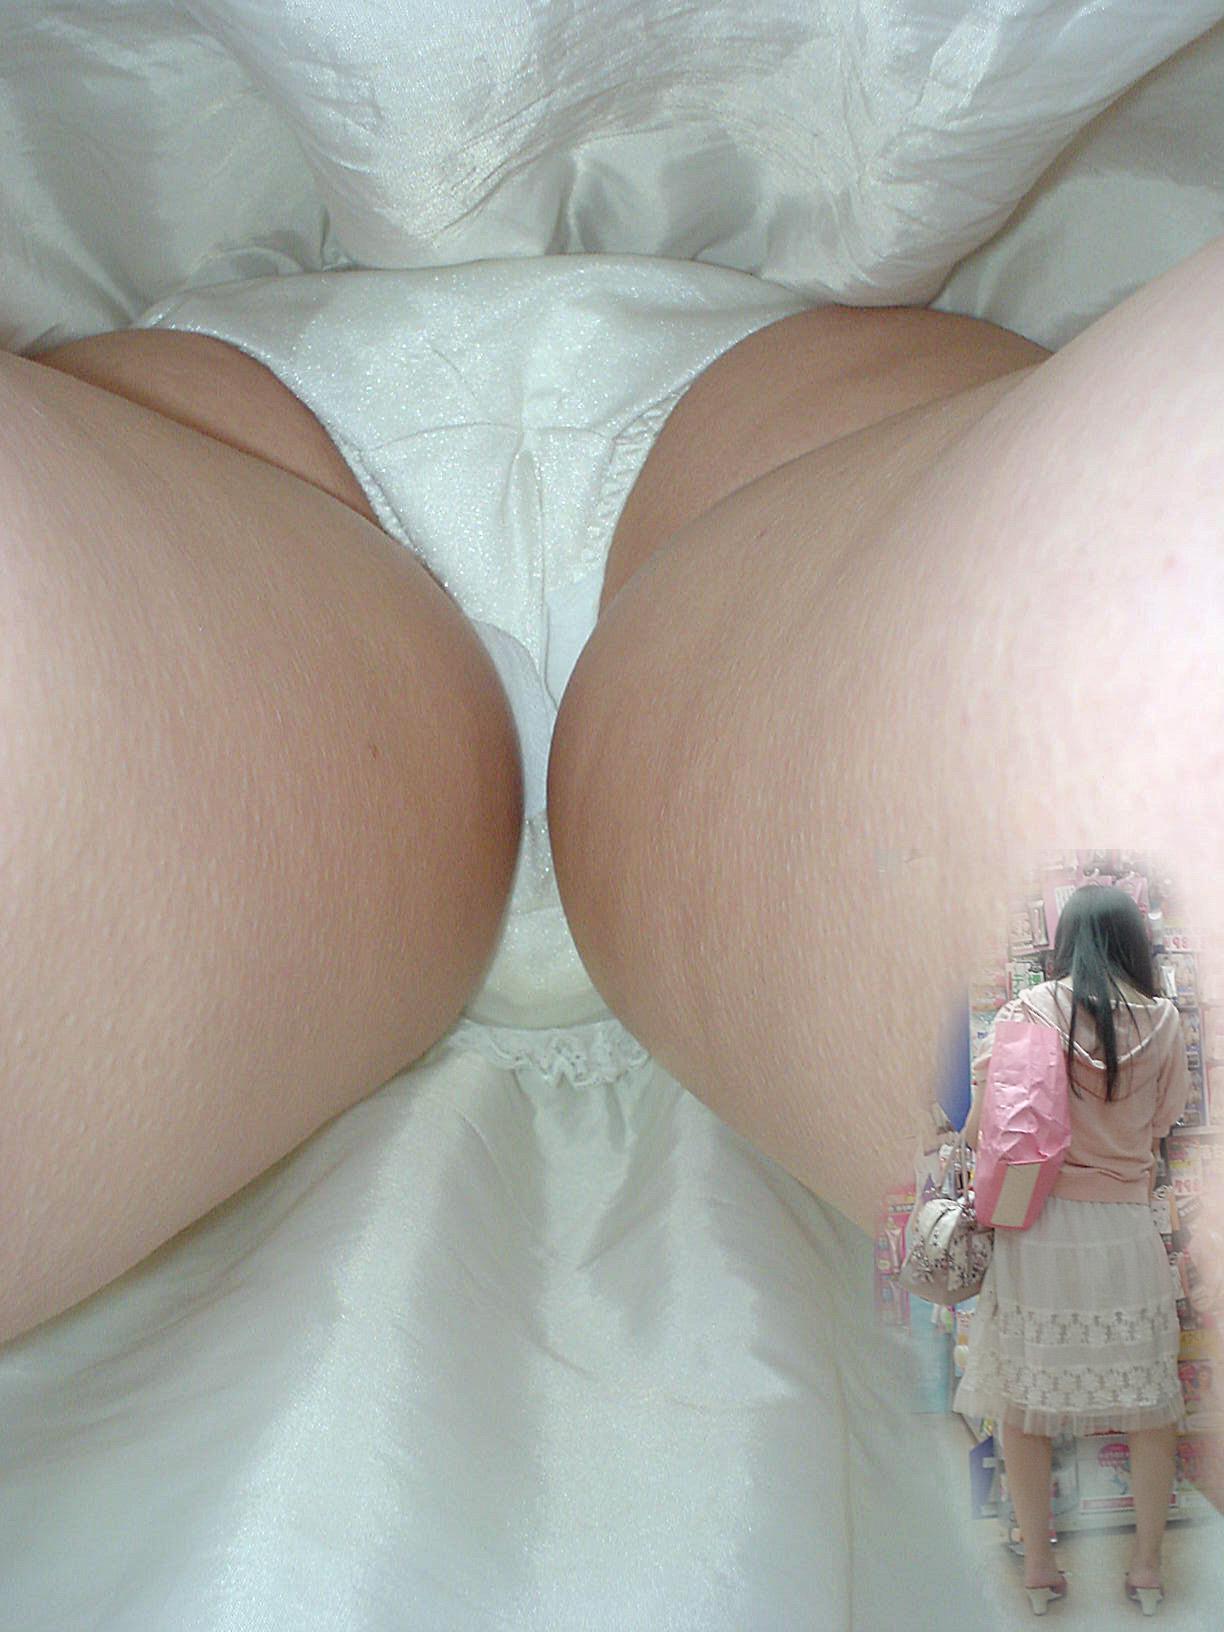 巨乳女子大生のミニスカ逆さパンチラ盗撮エロ画像6枚目